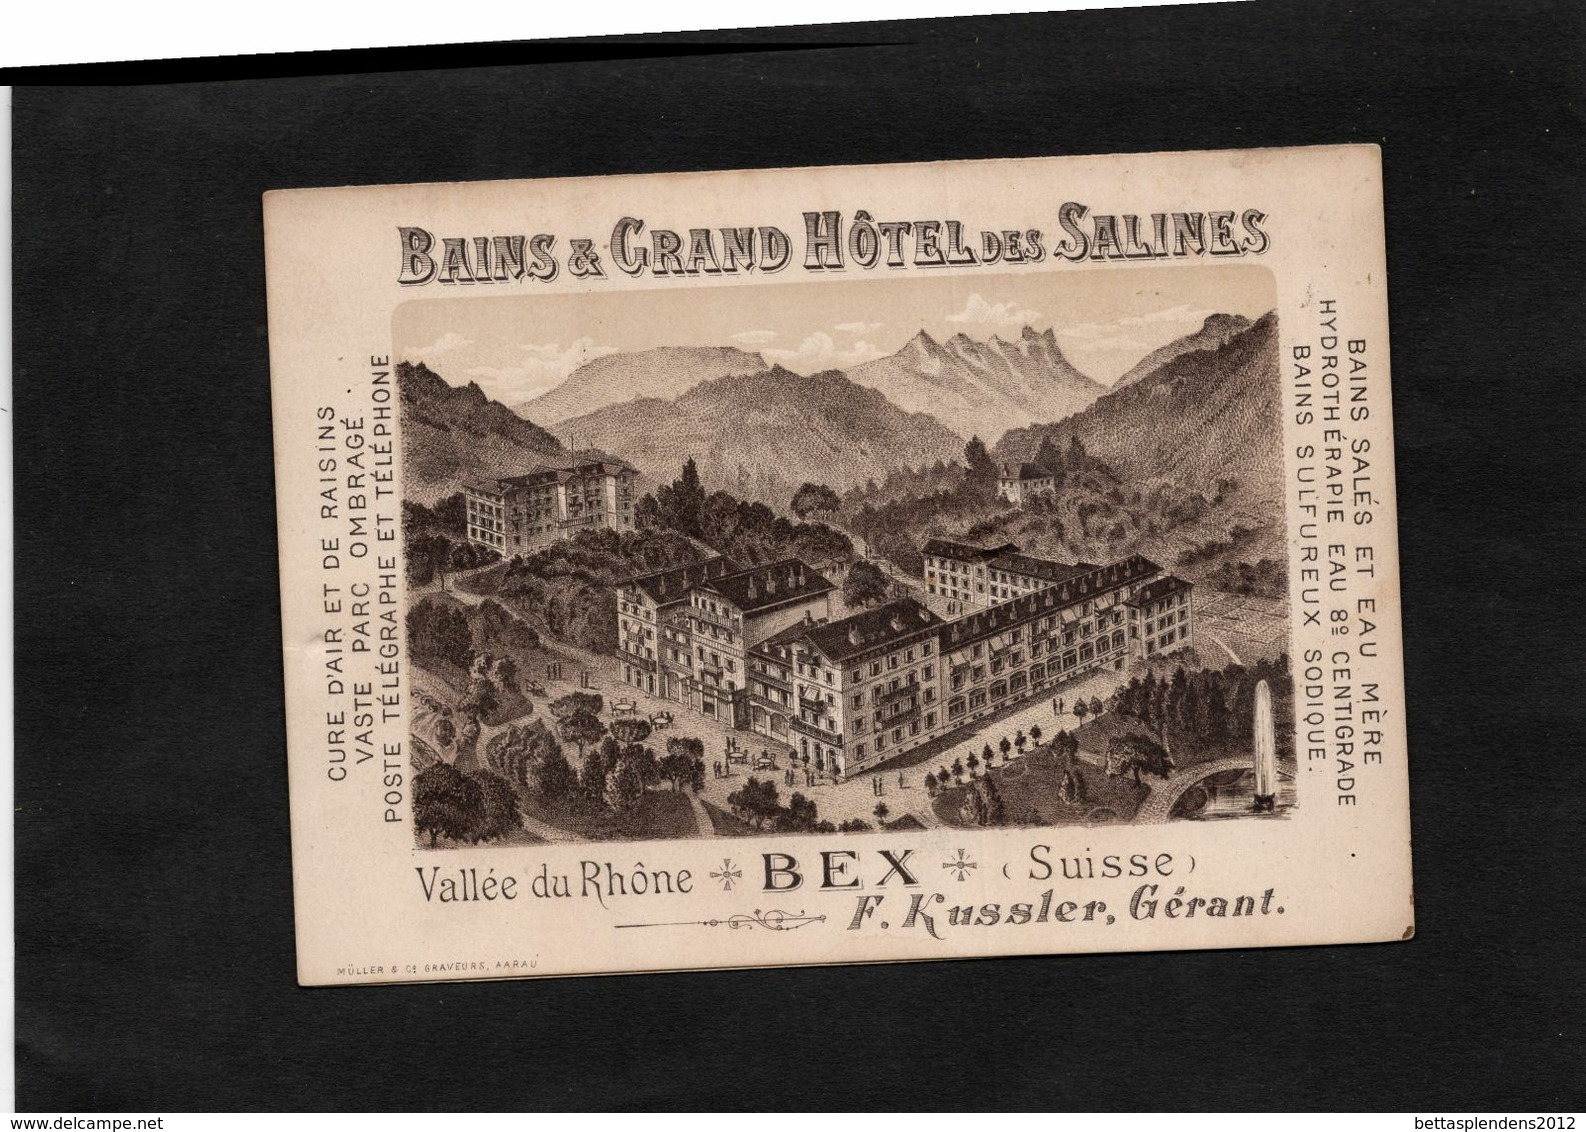 BEX (Suisse) - BAINS & GRAND HOTEL Des SALINES - F.KUSSLER Gérant - Liste Des Excursions Et Carte. - Reclame